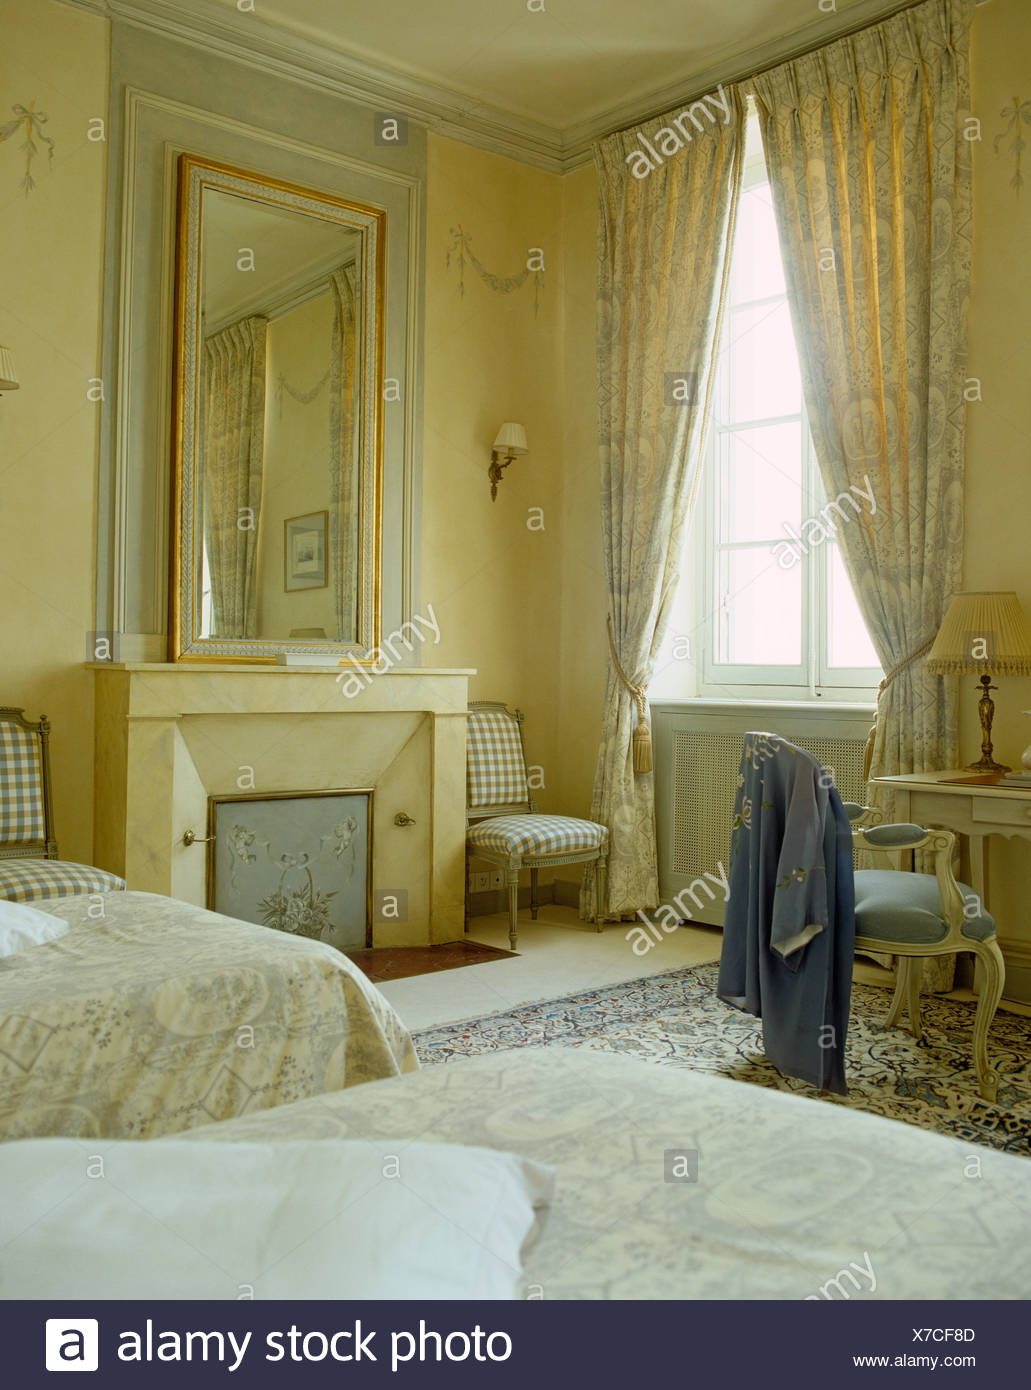 Französischer landhausstil schlafzimmer  Große Spiegel über dem Kamin im blass gelb französischer Landhaus ...